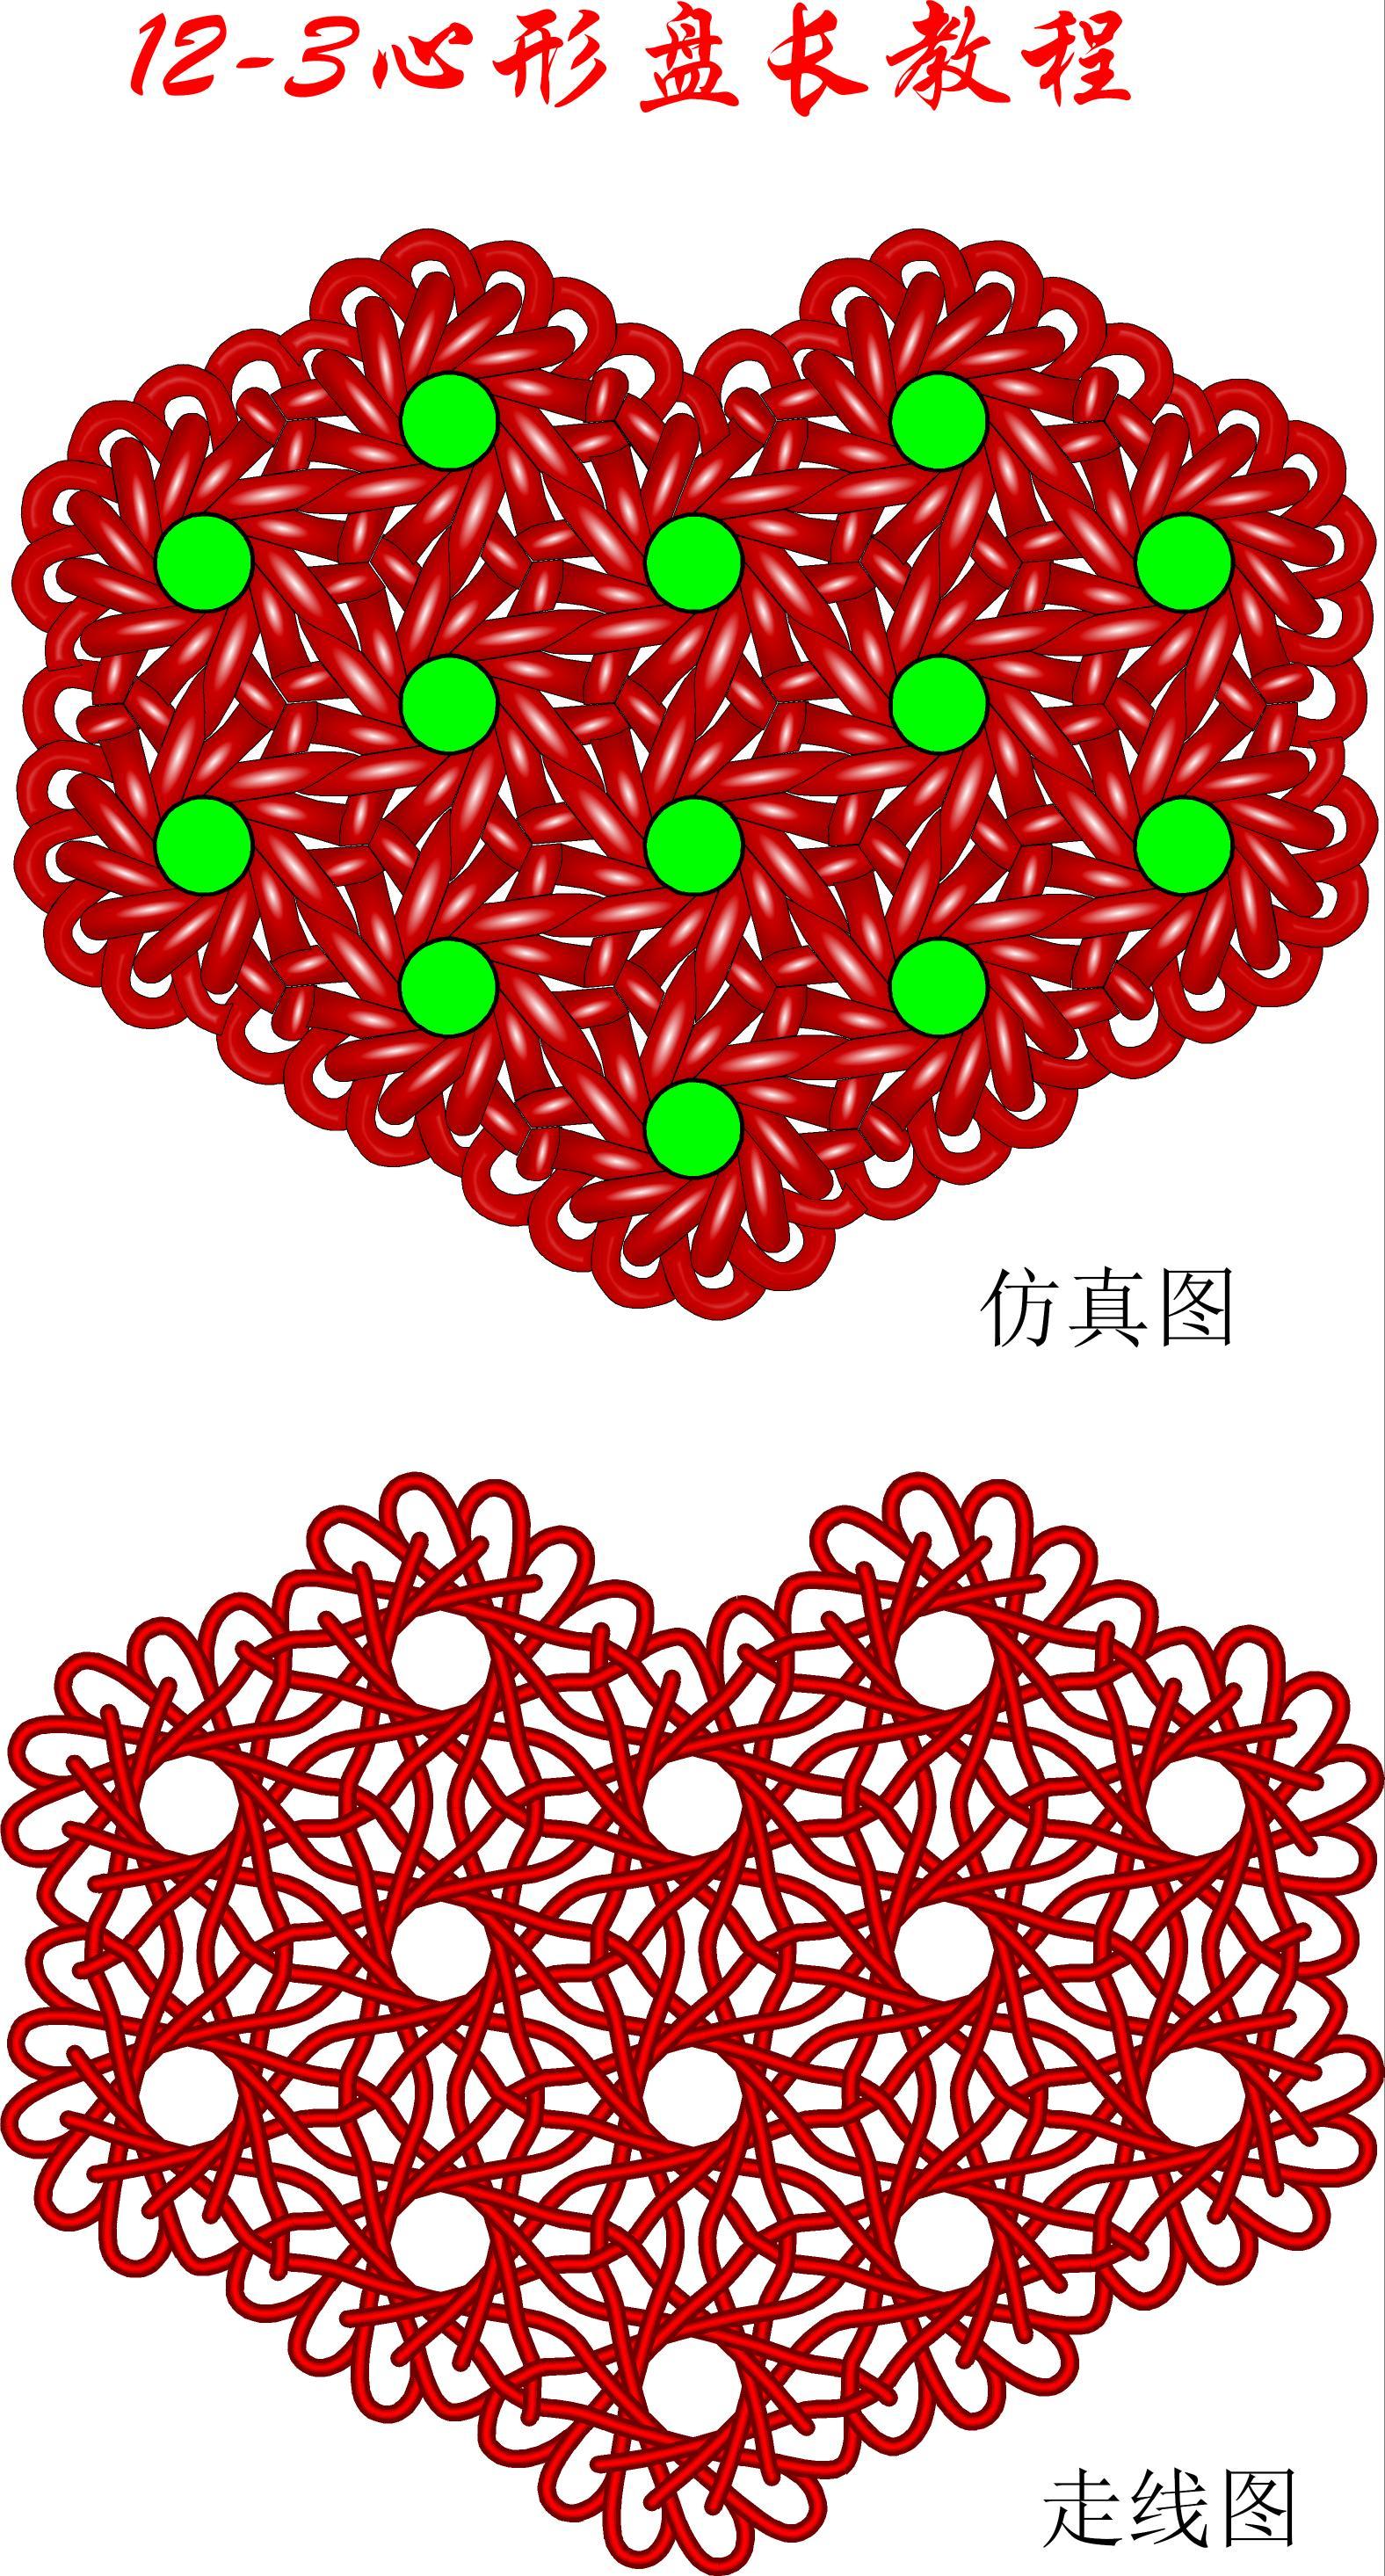 中国结论坛 12-3心形盘长徒手教程 教程,口布盘花十种简单折法,折爱心的步骤图解 丑丑徒手编结 164928phpuxbzp26ohiutw